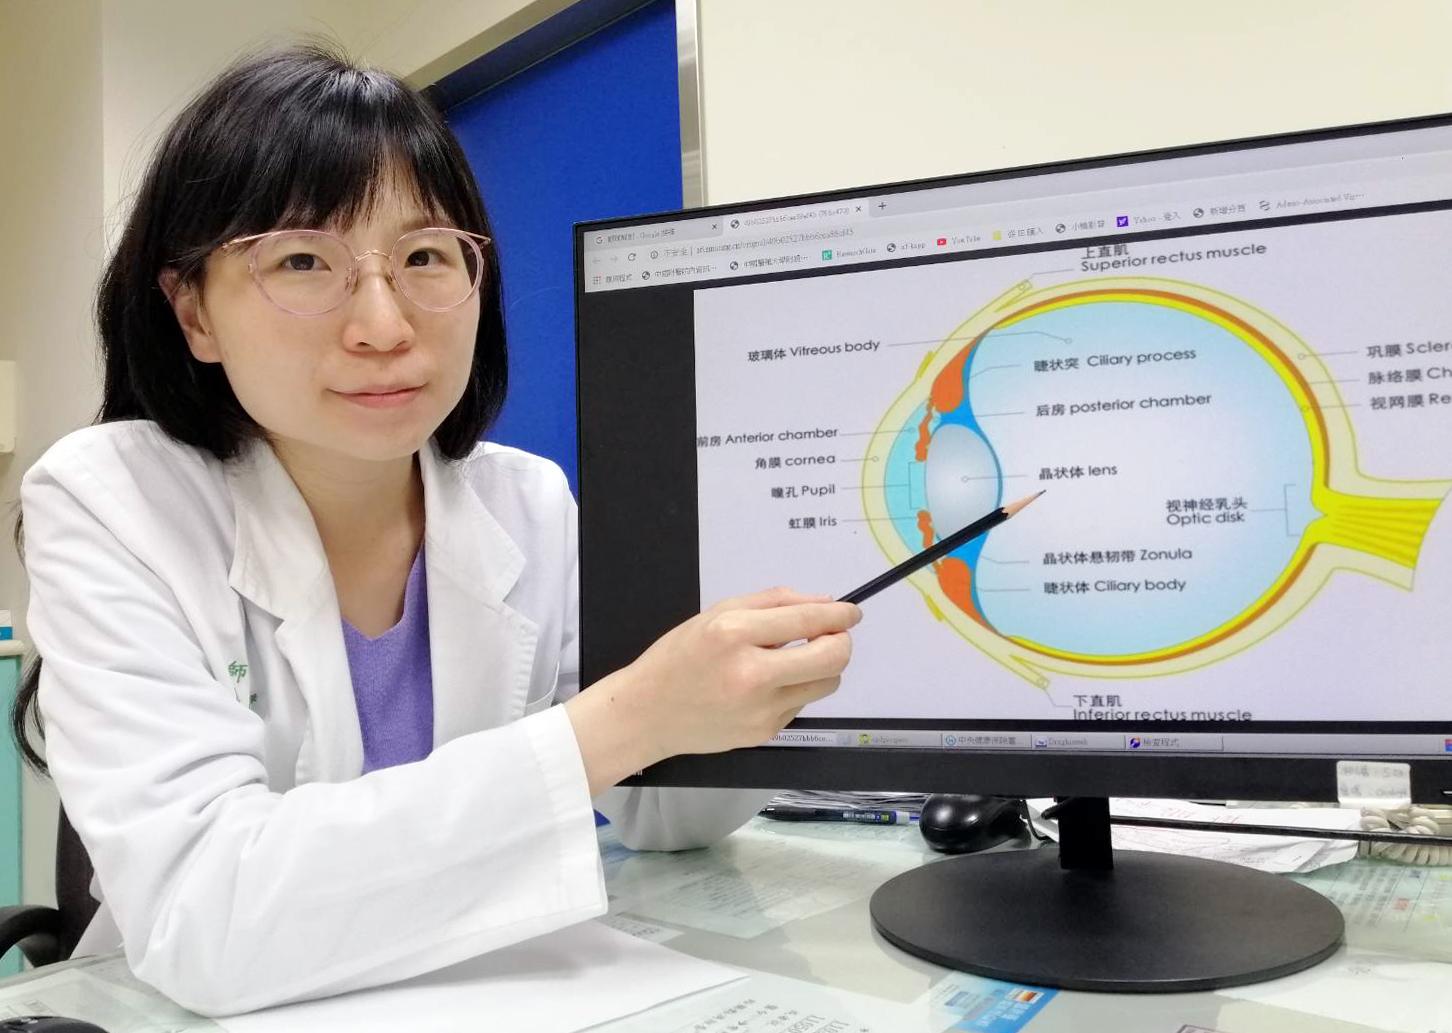 眼科醫學中心 夏寧憶醫師|工作不慎釘槍反彈刺入眼「植入人工水晶體」矯正視力恢復 1.0